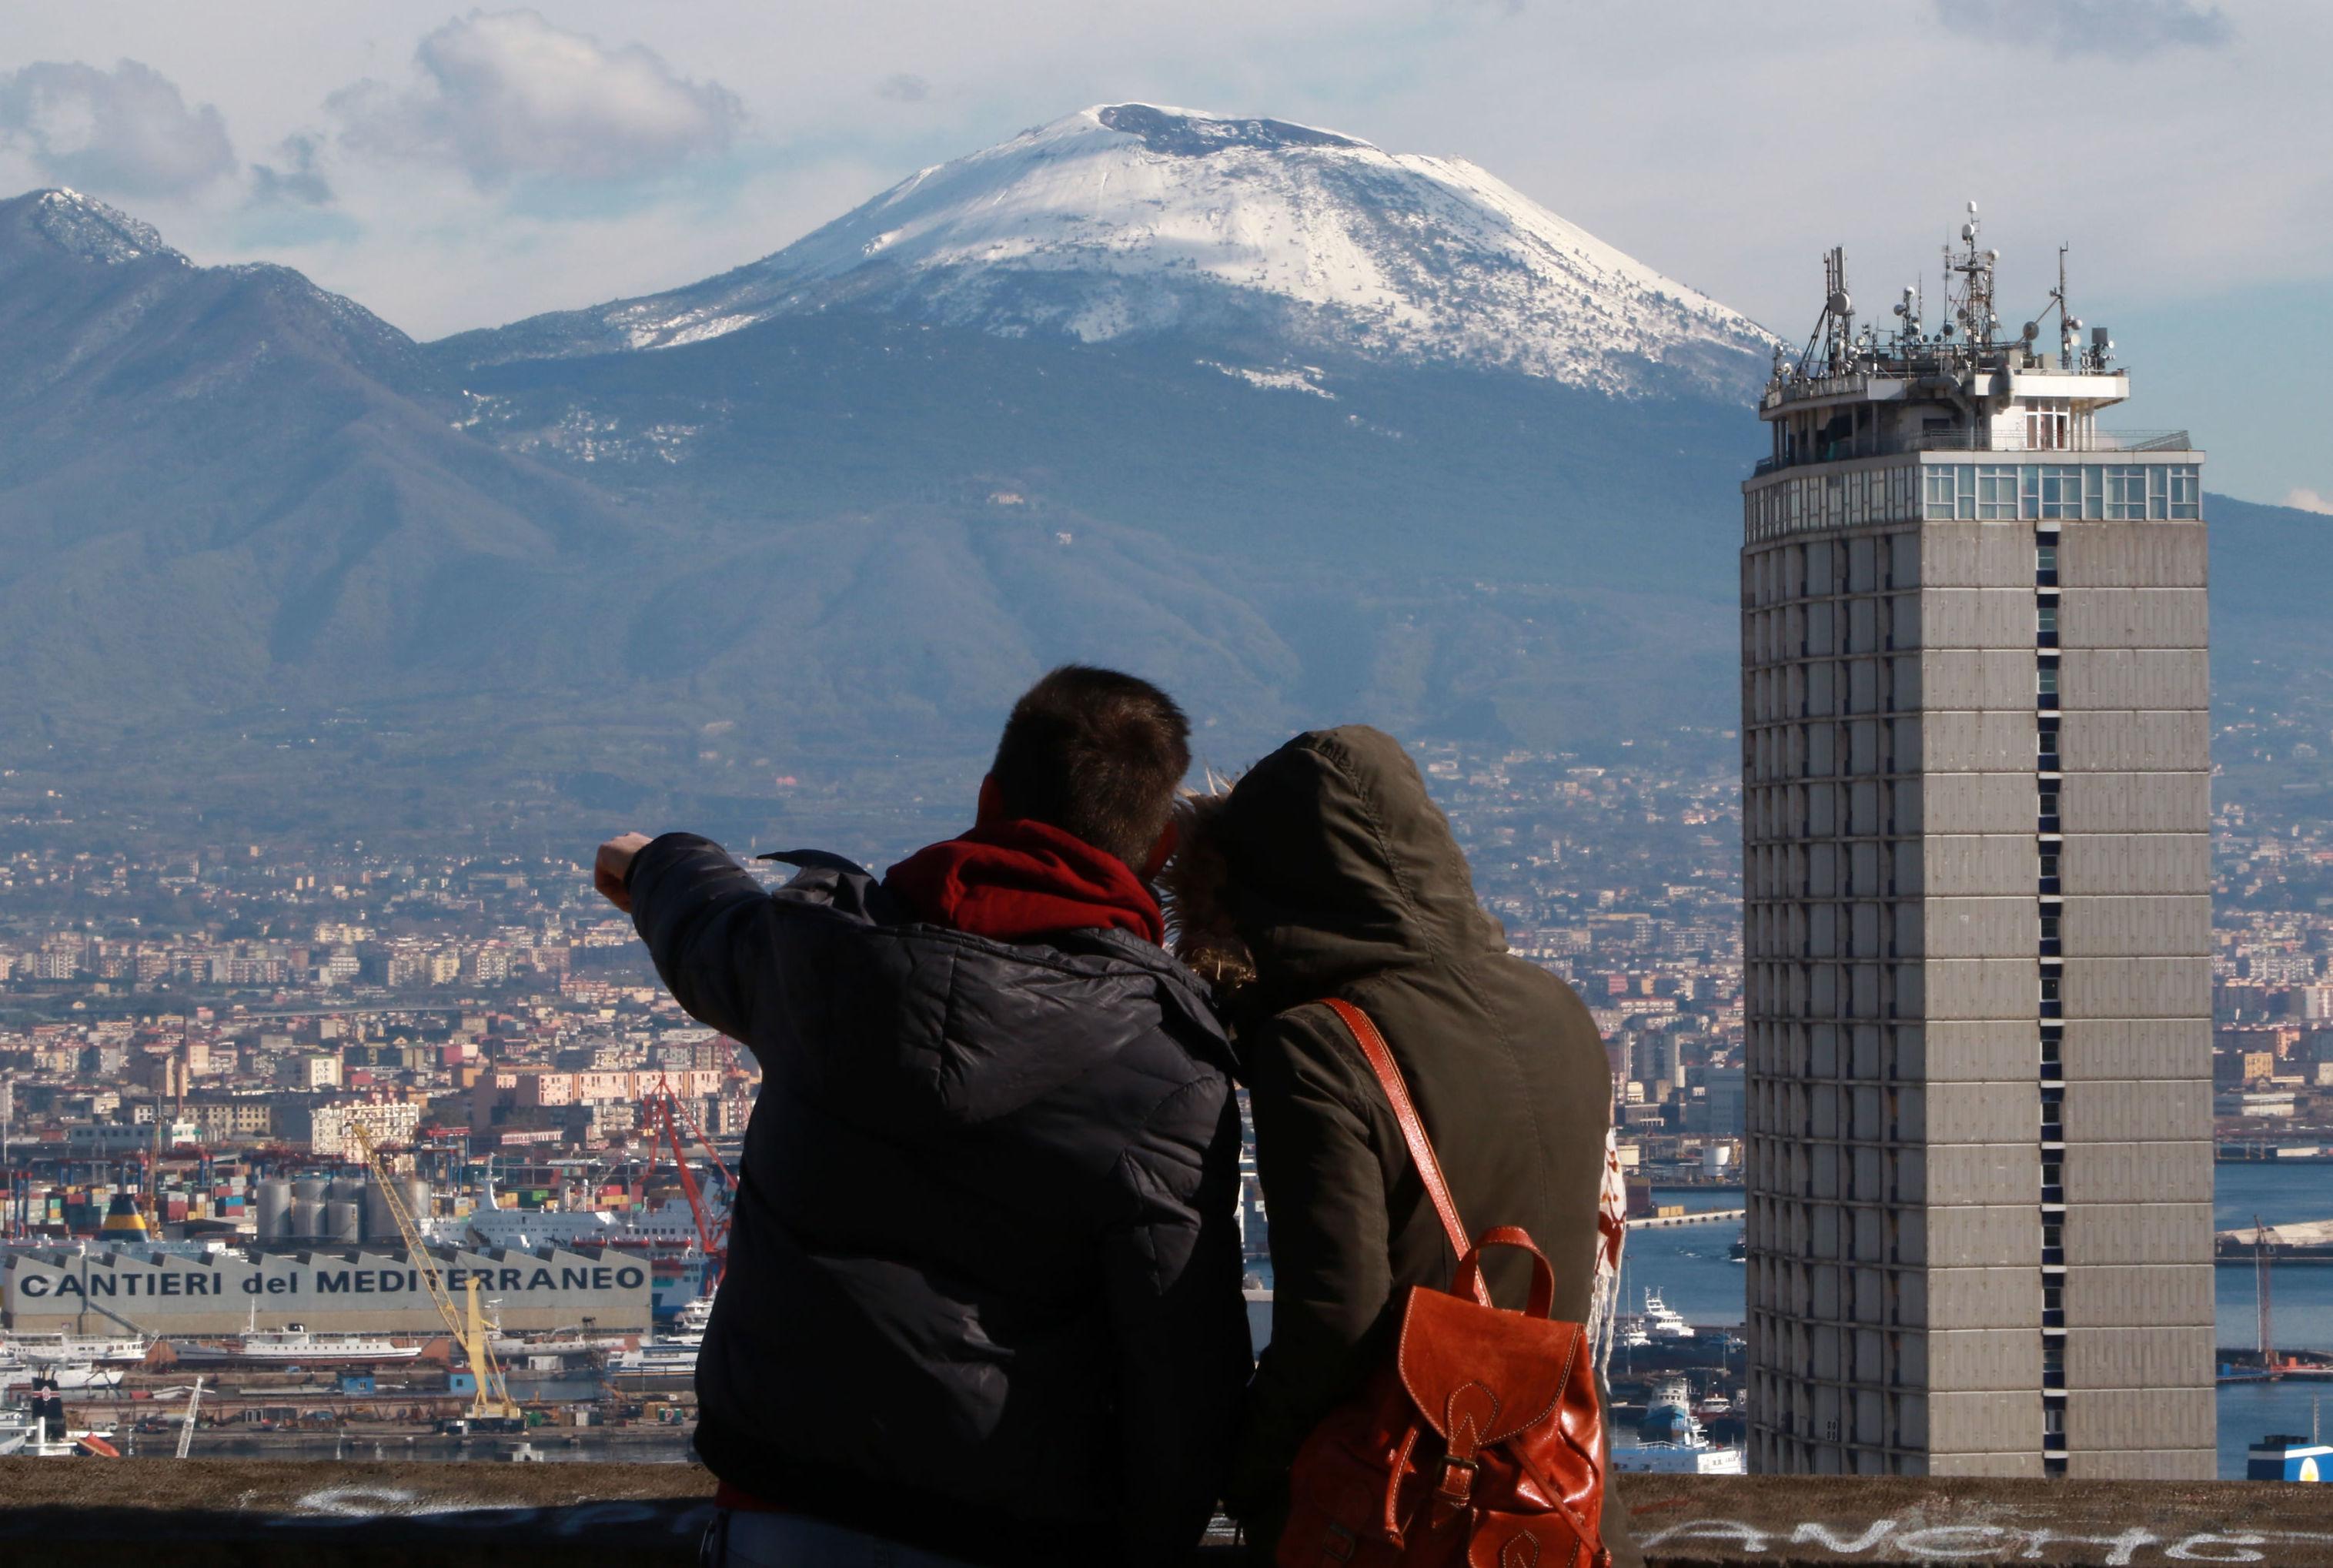 Una coppia guarda il Vesuvio